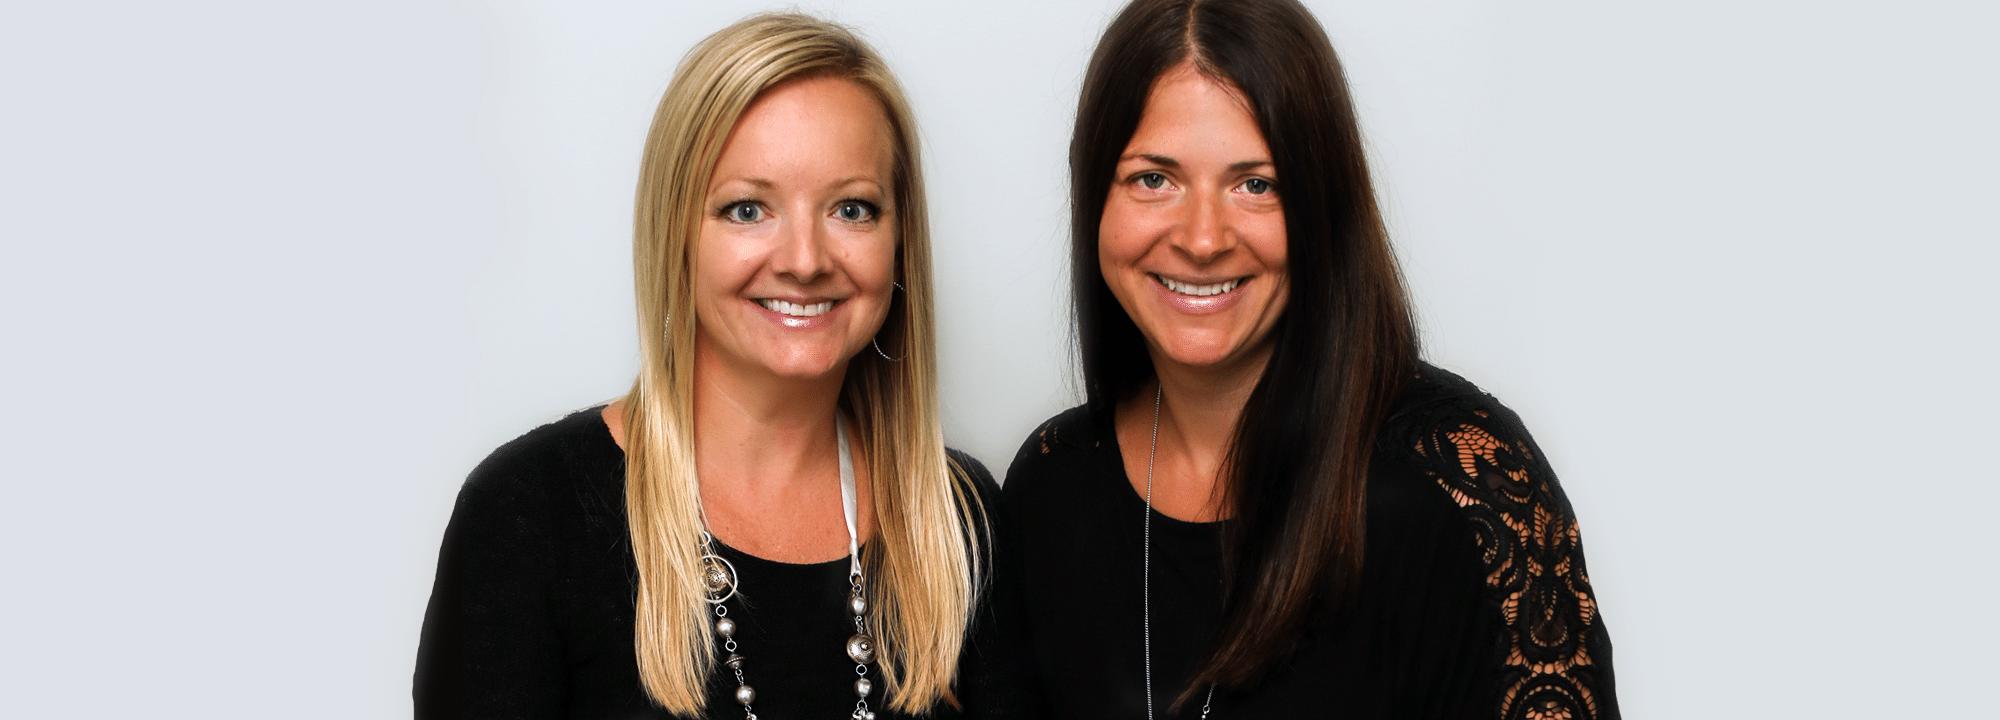 Chiropractors Andover MN Karrie Lehn and Kerri Norring